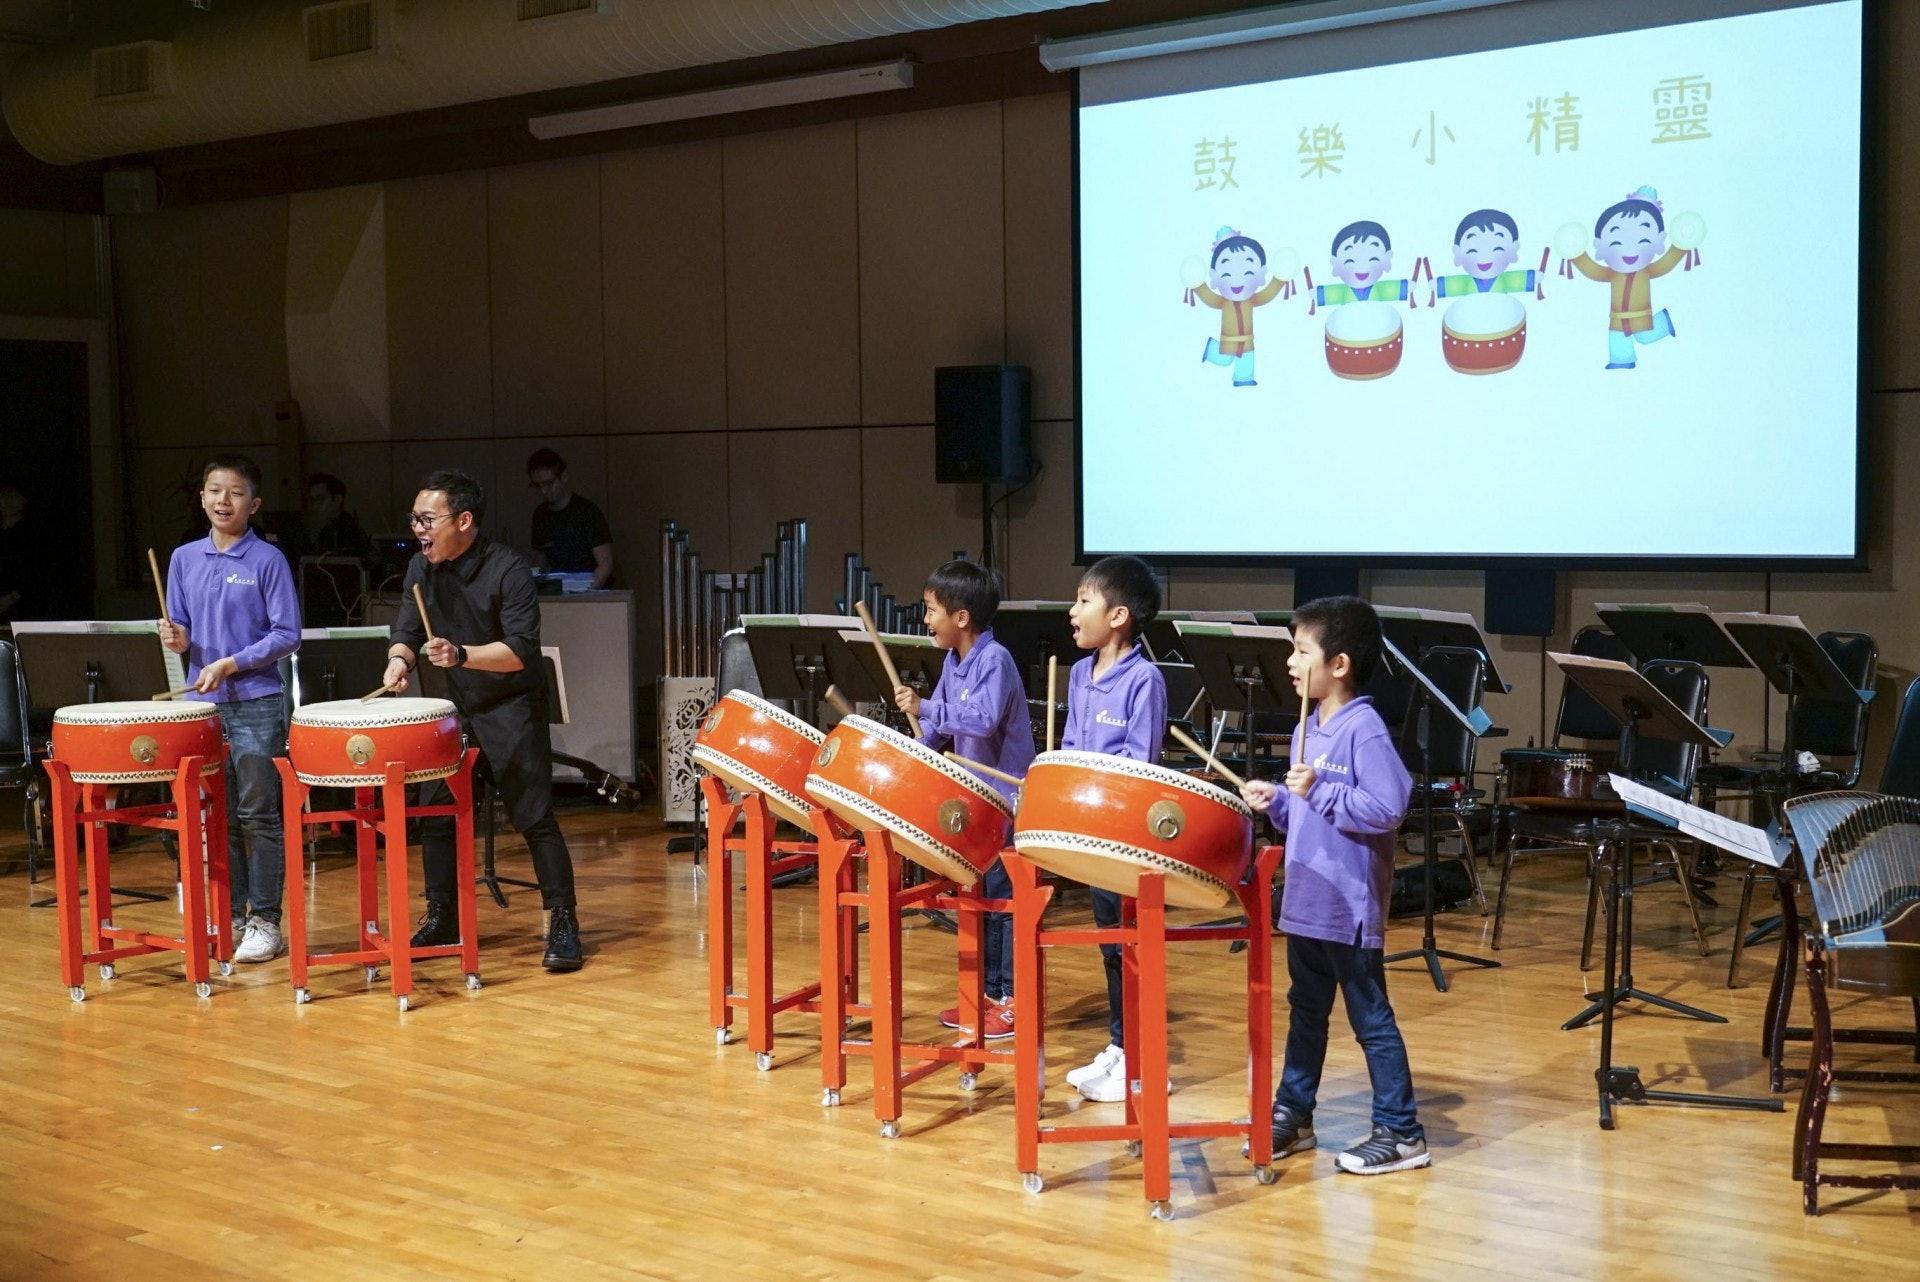 家裏有小孩子,不管是子女或是孫兒,應該留意下次節目預告,帶他們去上環文娛中心的親子音樂會,認識中華文化之餘,又可以讓他們有一個啟發潛能的機會。(作者提供)